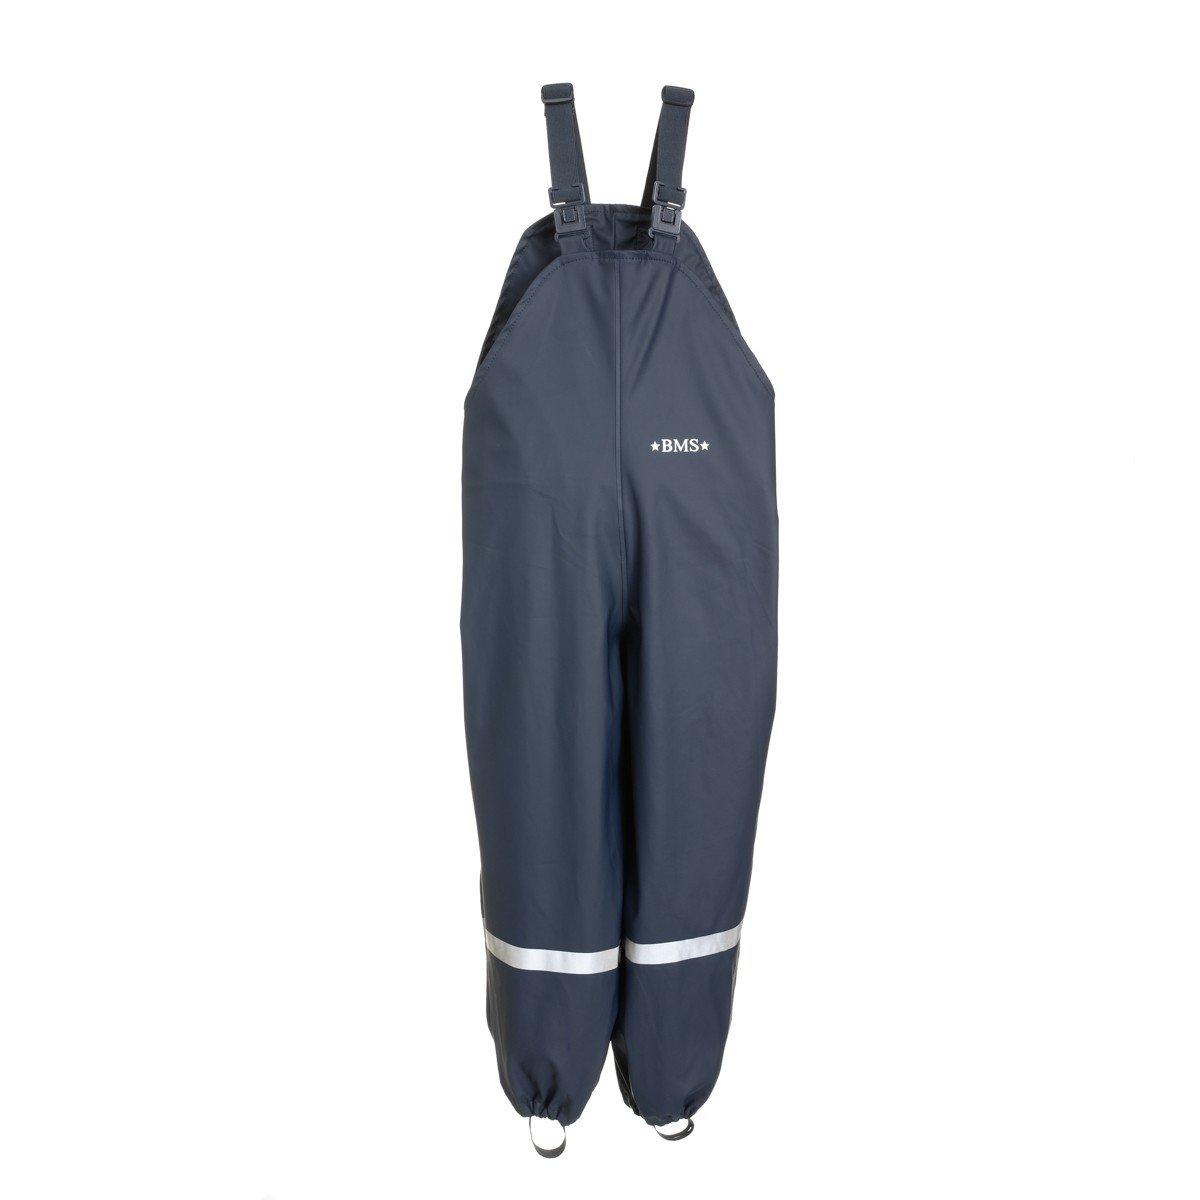 Bms pantaloni da pioggia donna 558400